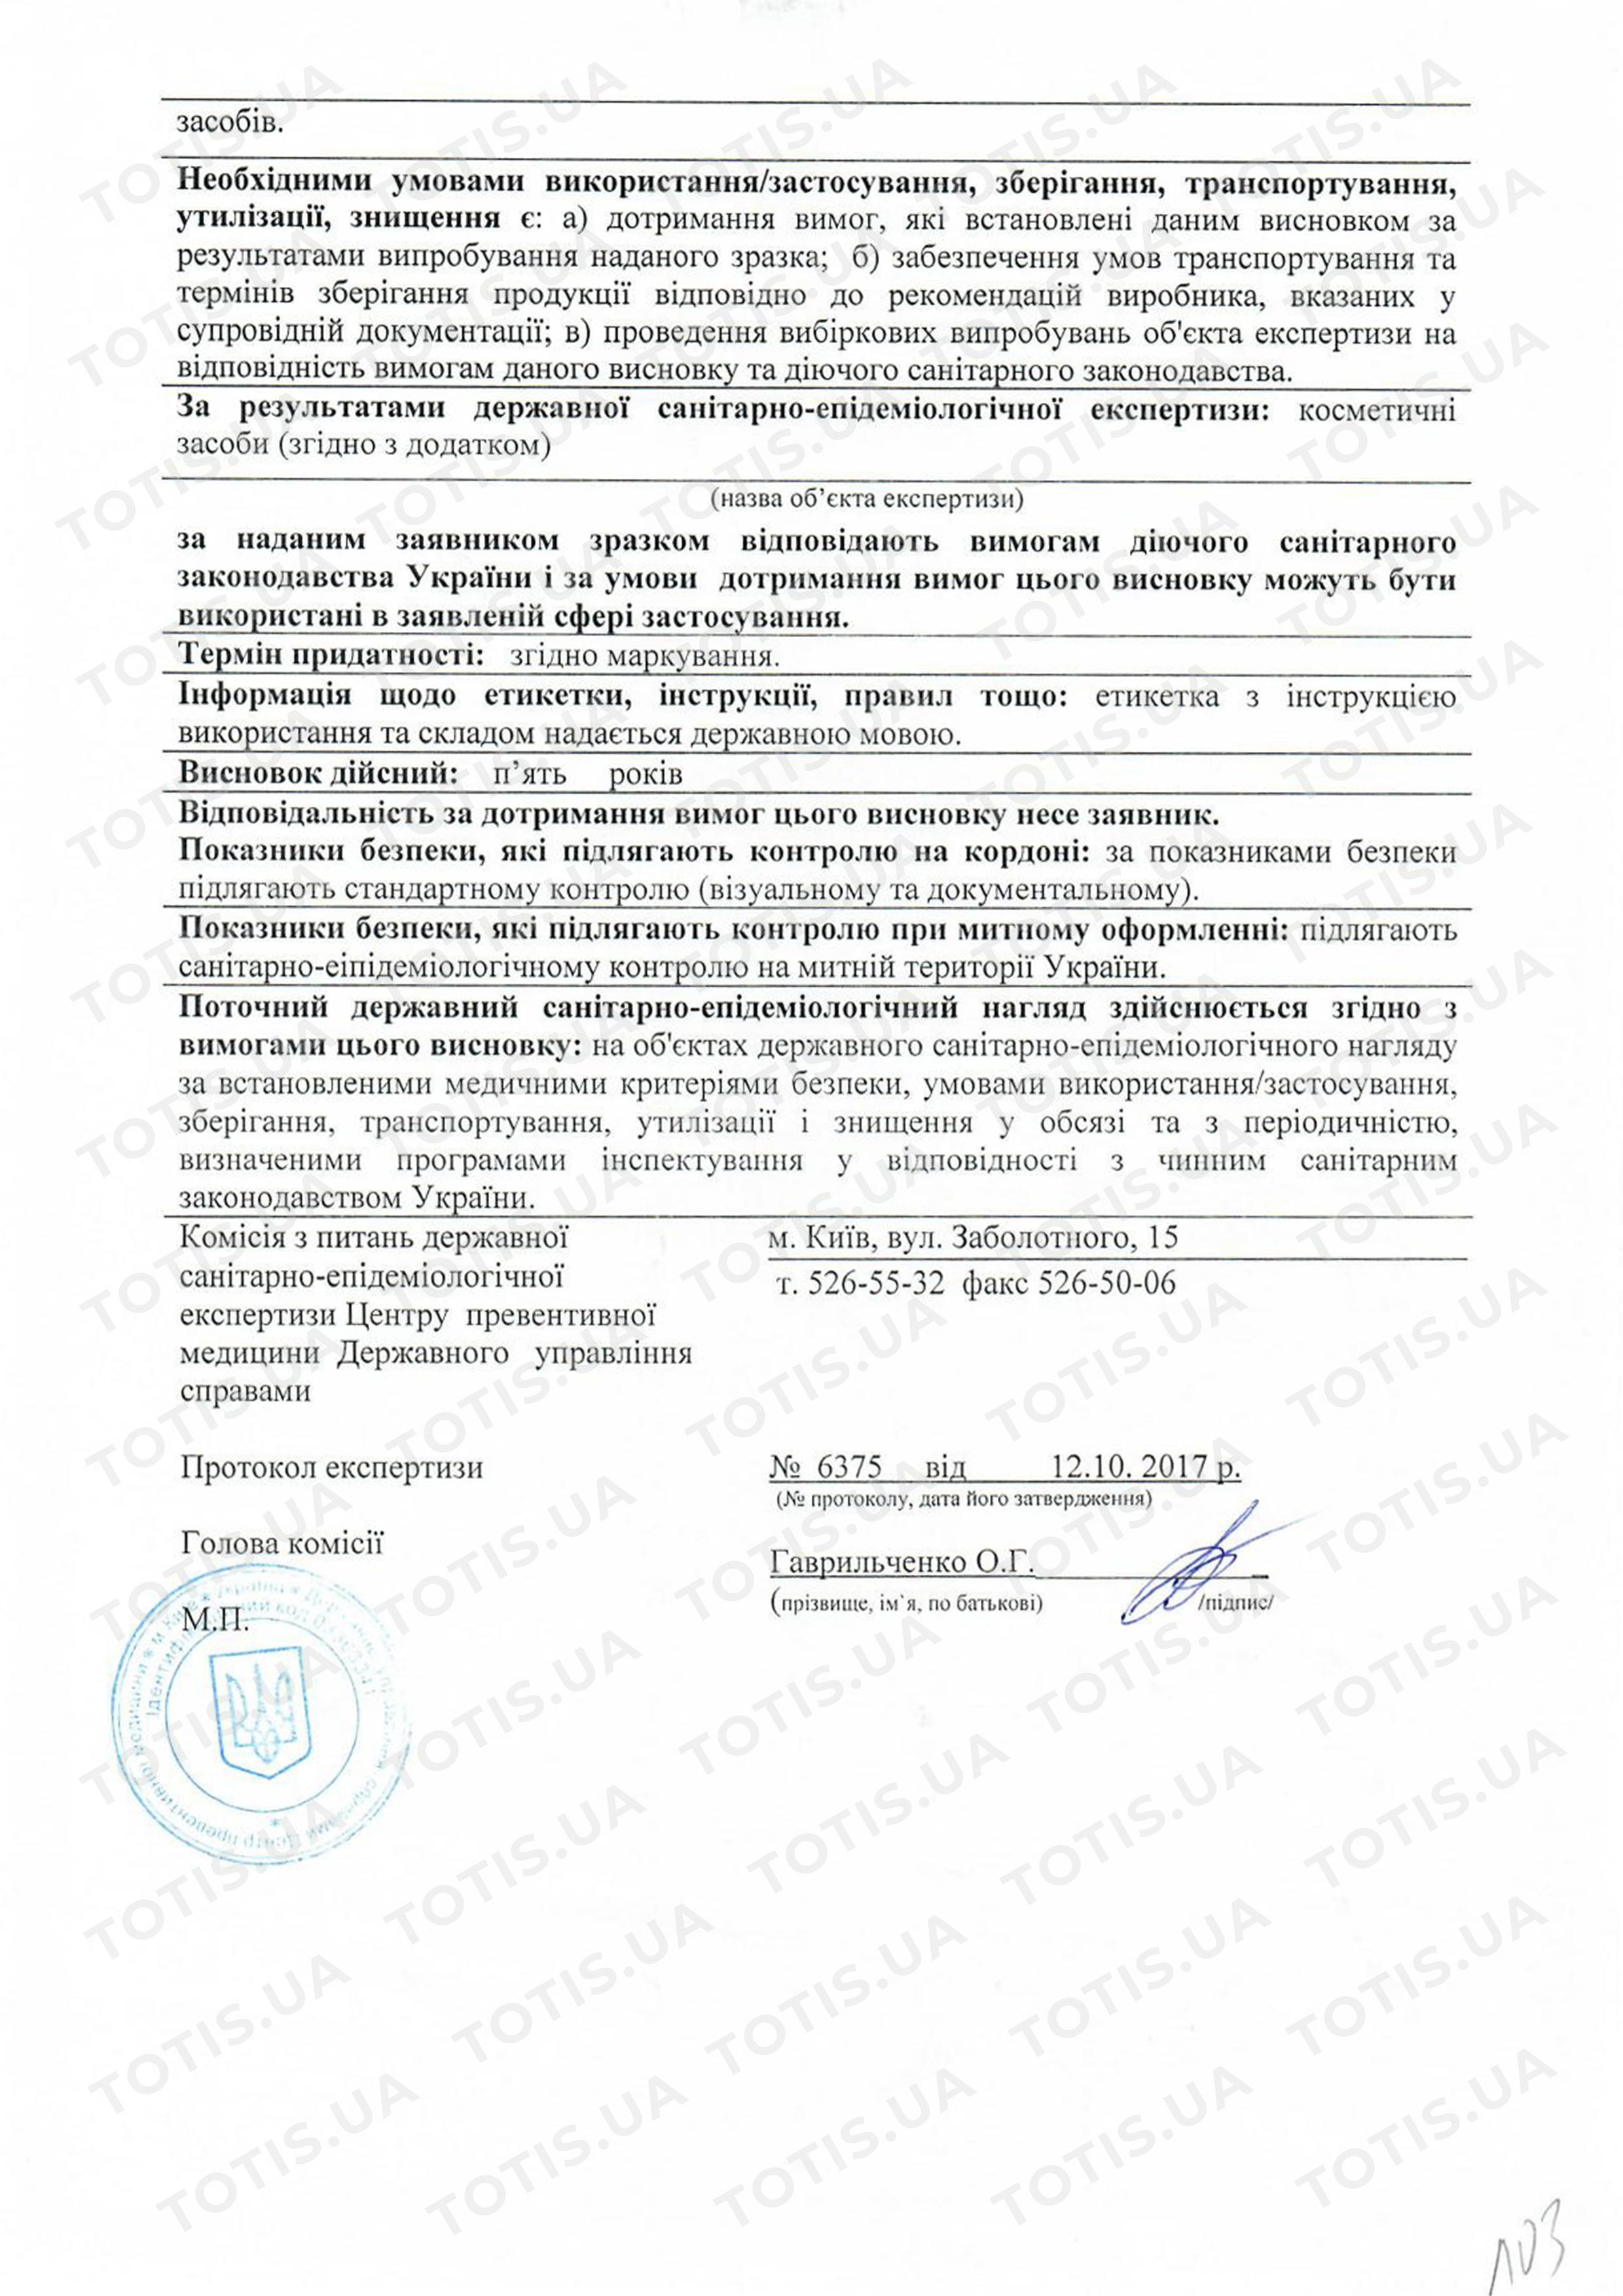 сертификат косметических средств dr spiller